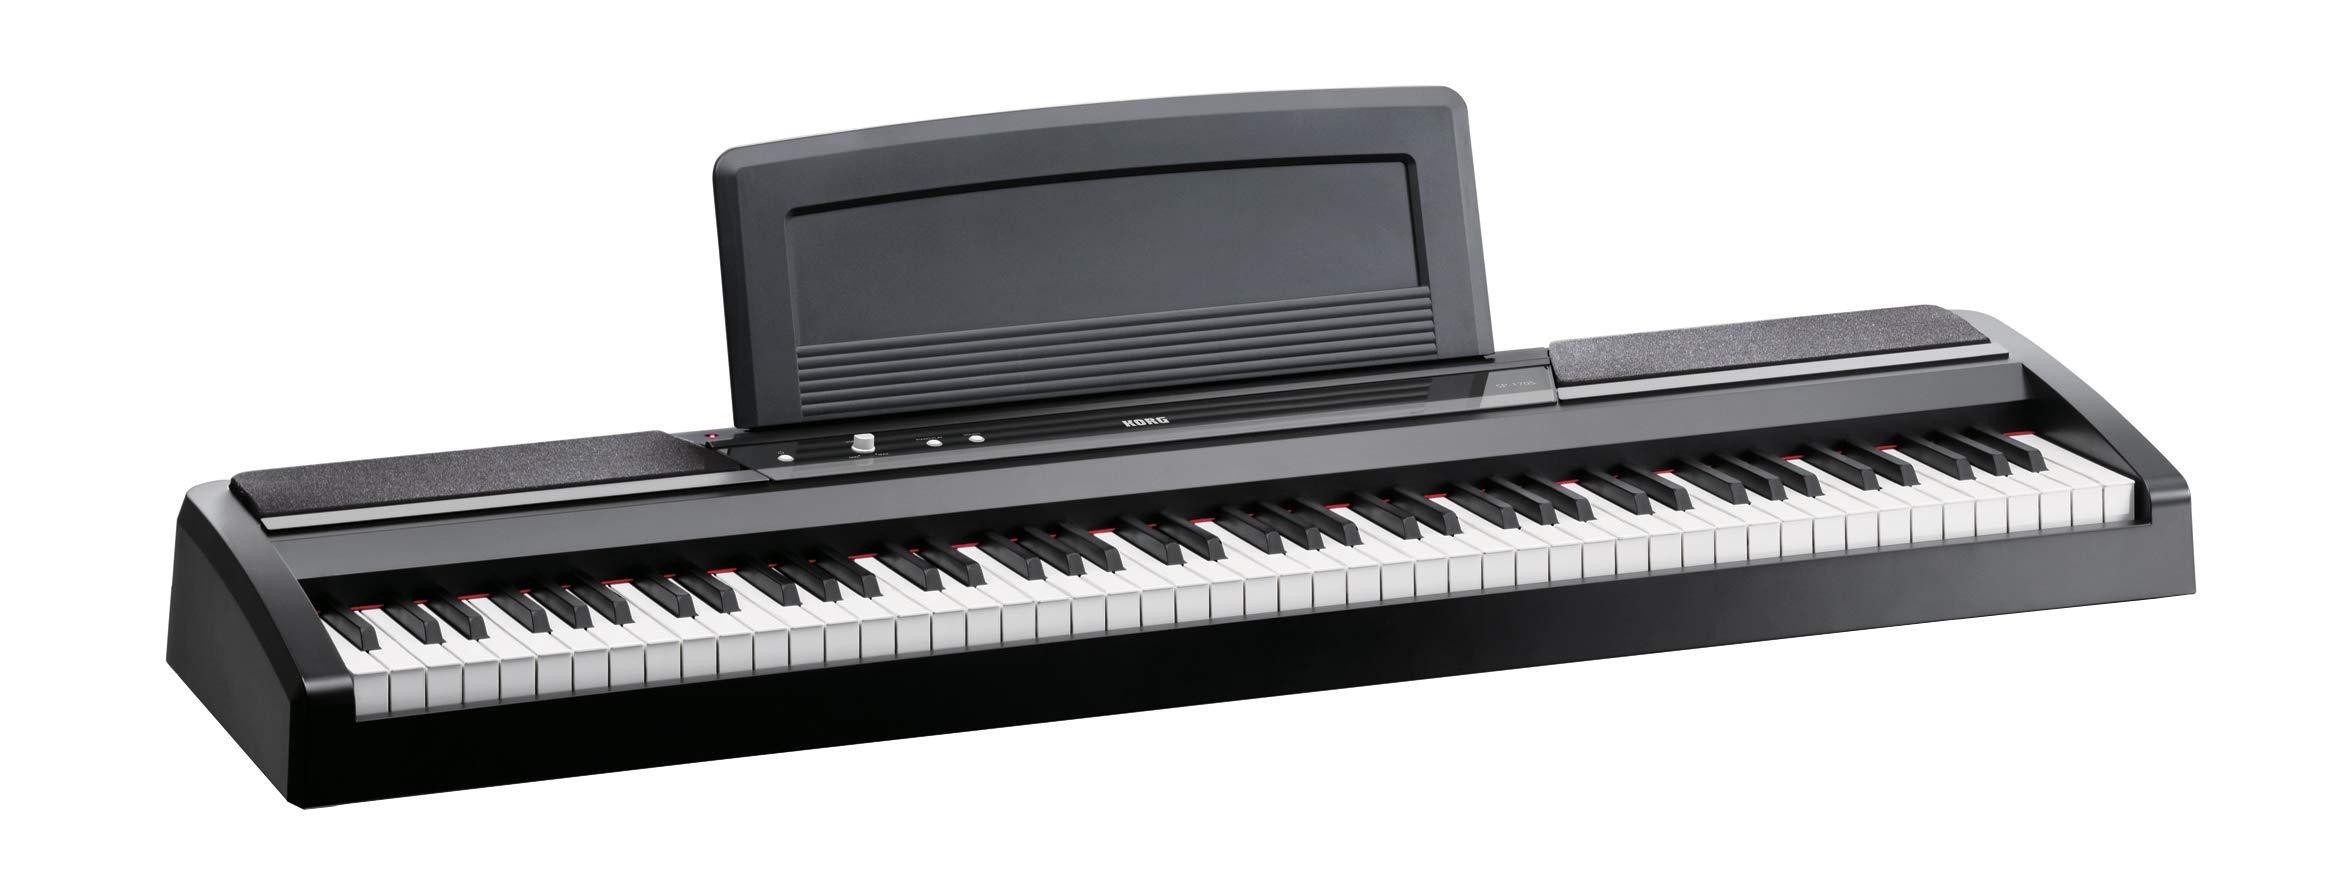 Korg 88 Key Digital Pianos SP170SBK2